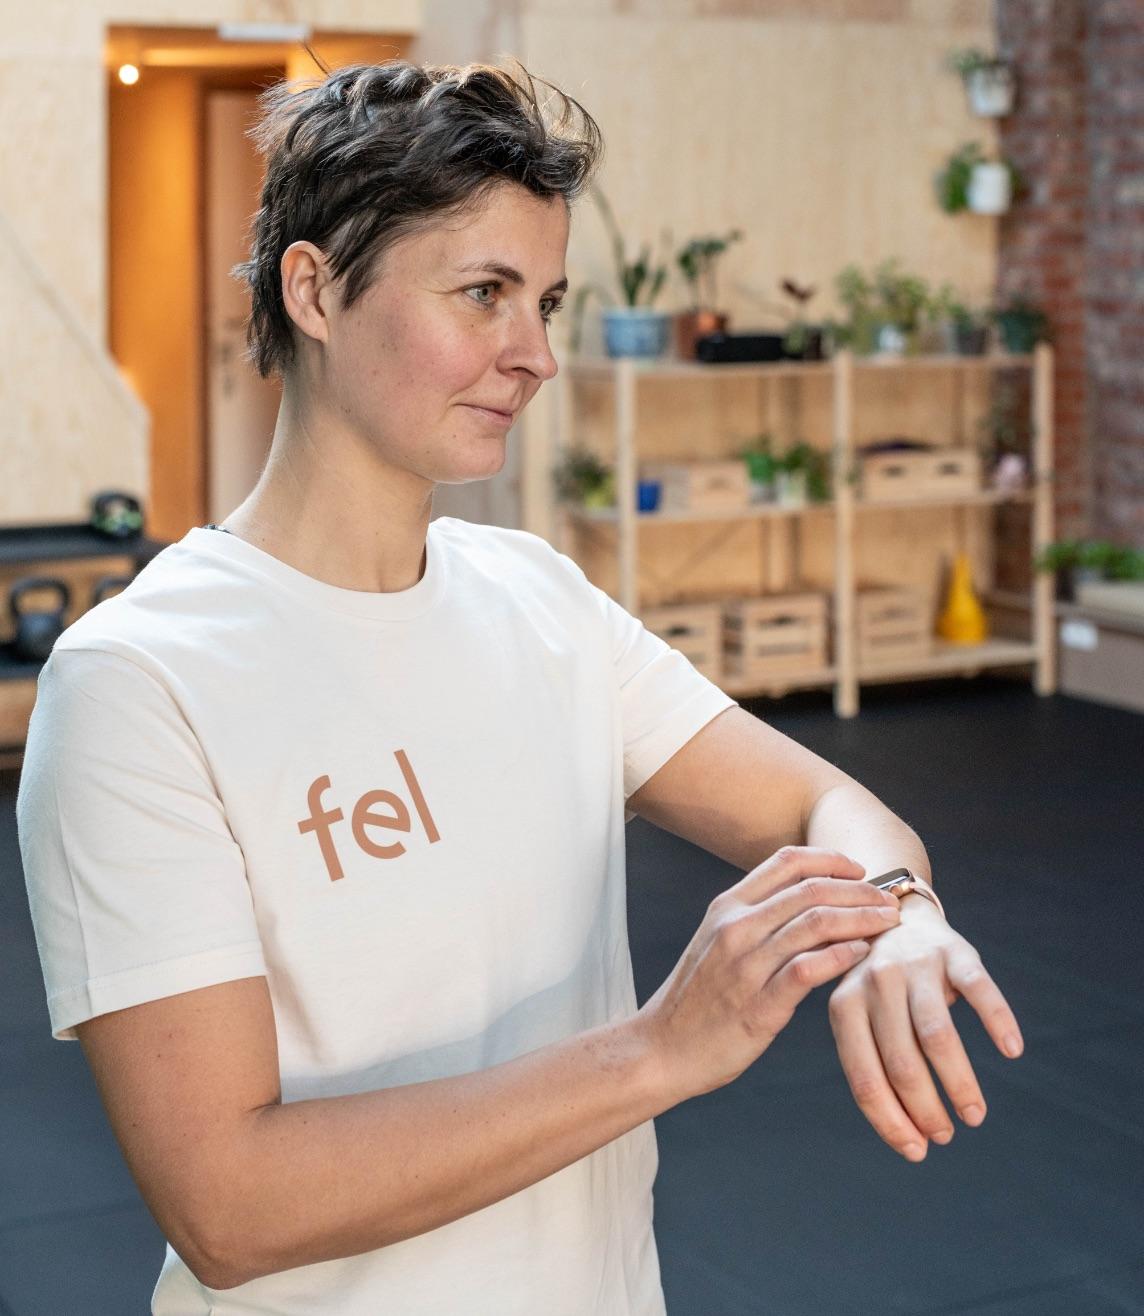 Foto van An Soenens die horloge vast heeft om een oefening te timen.